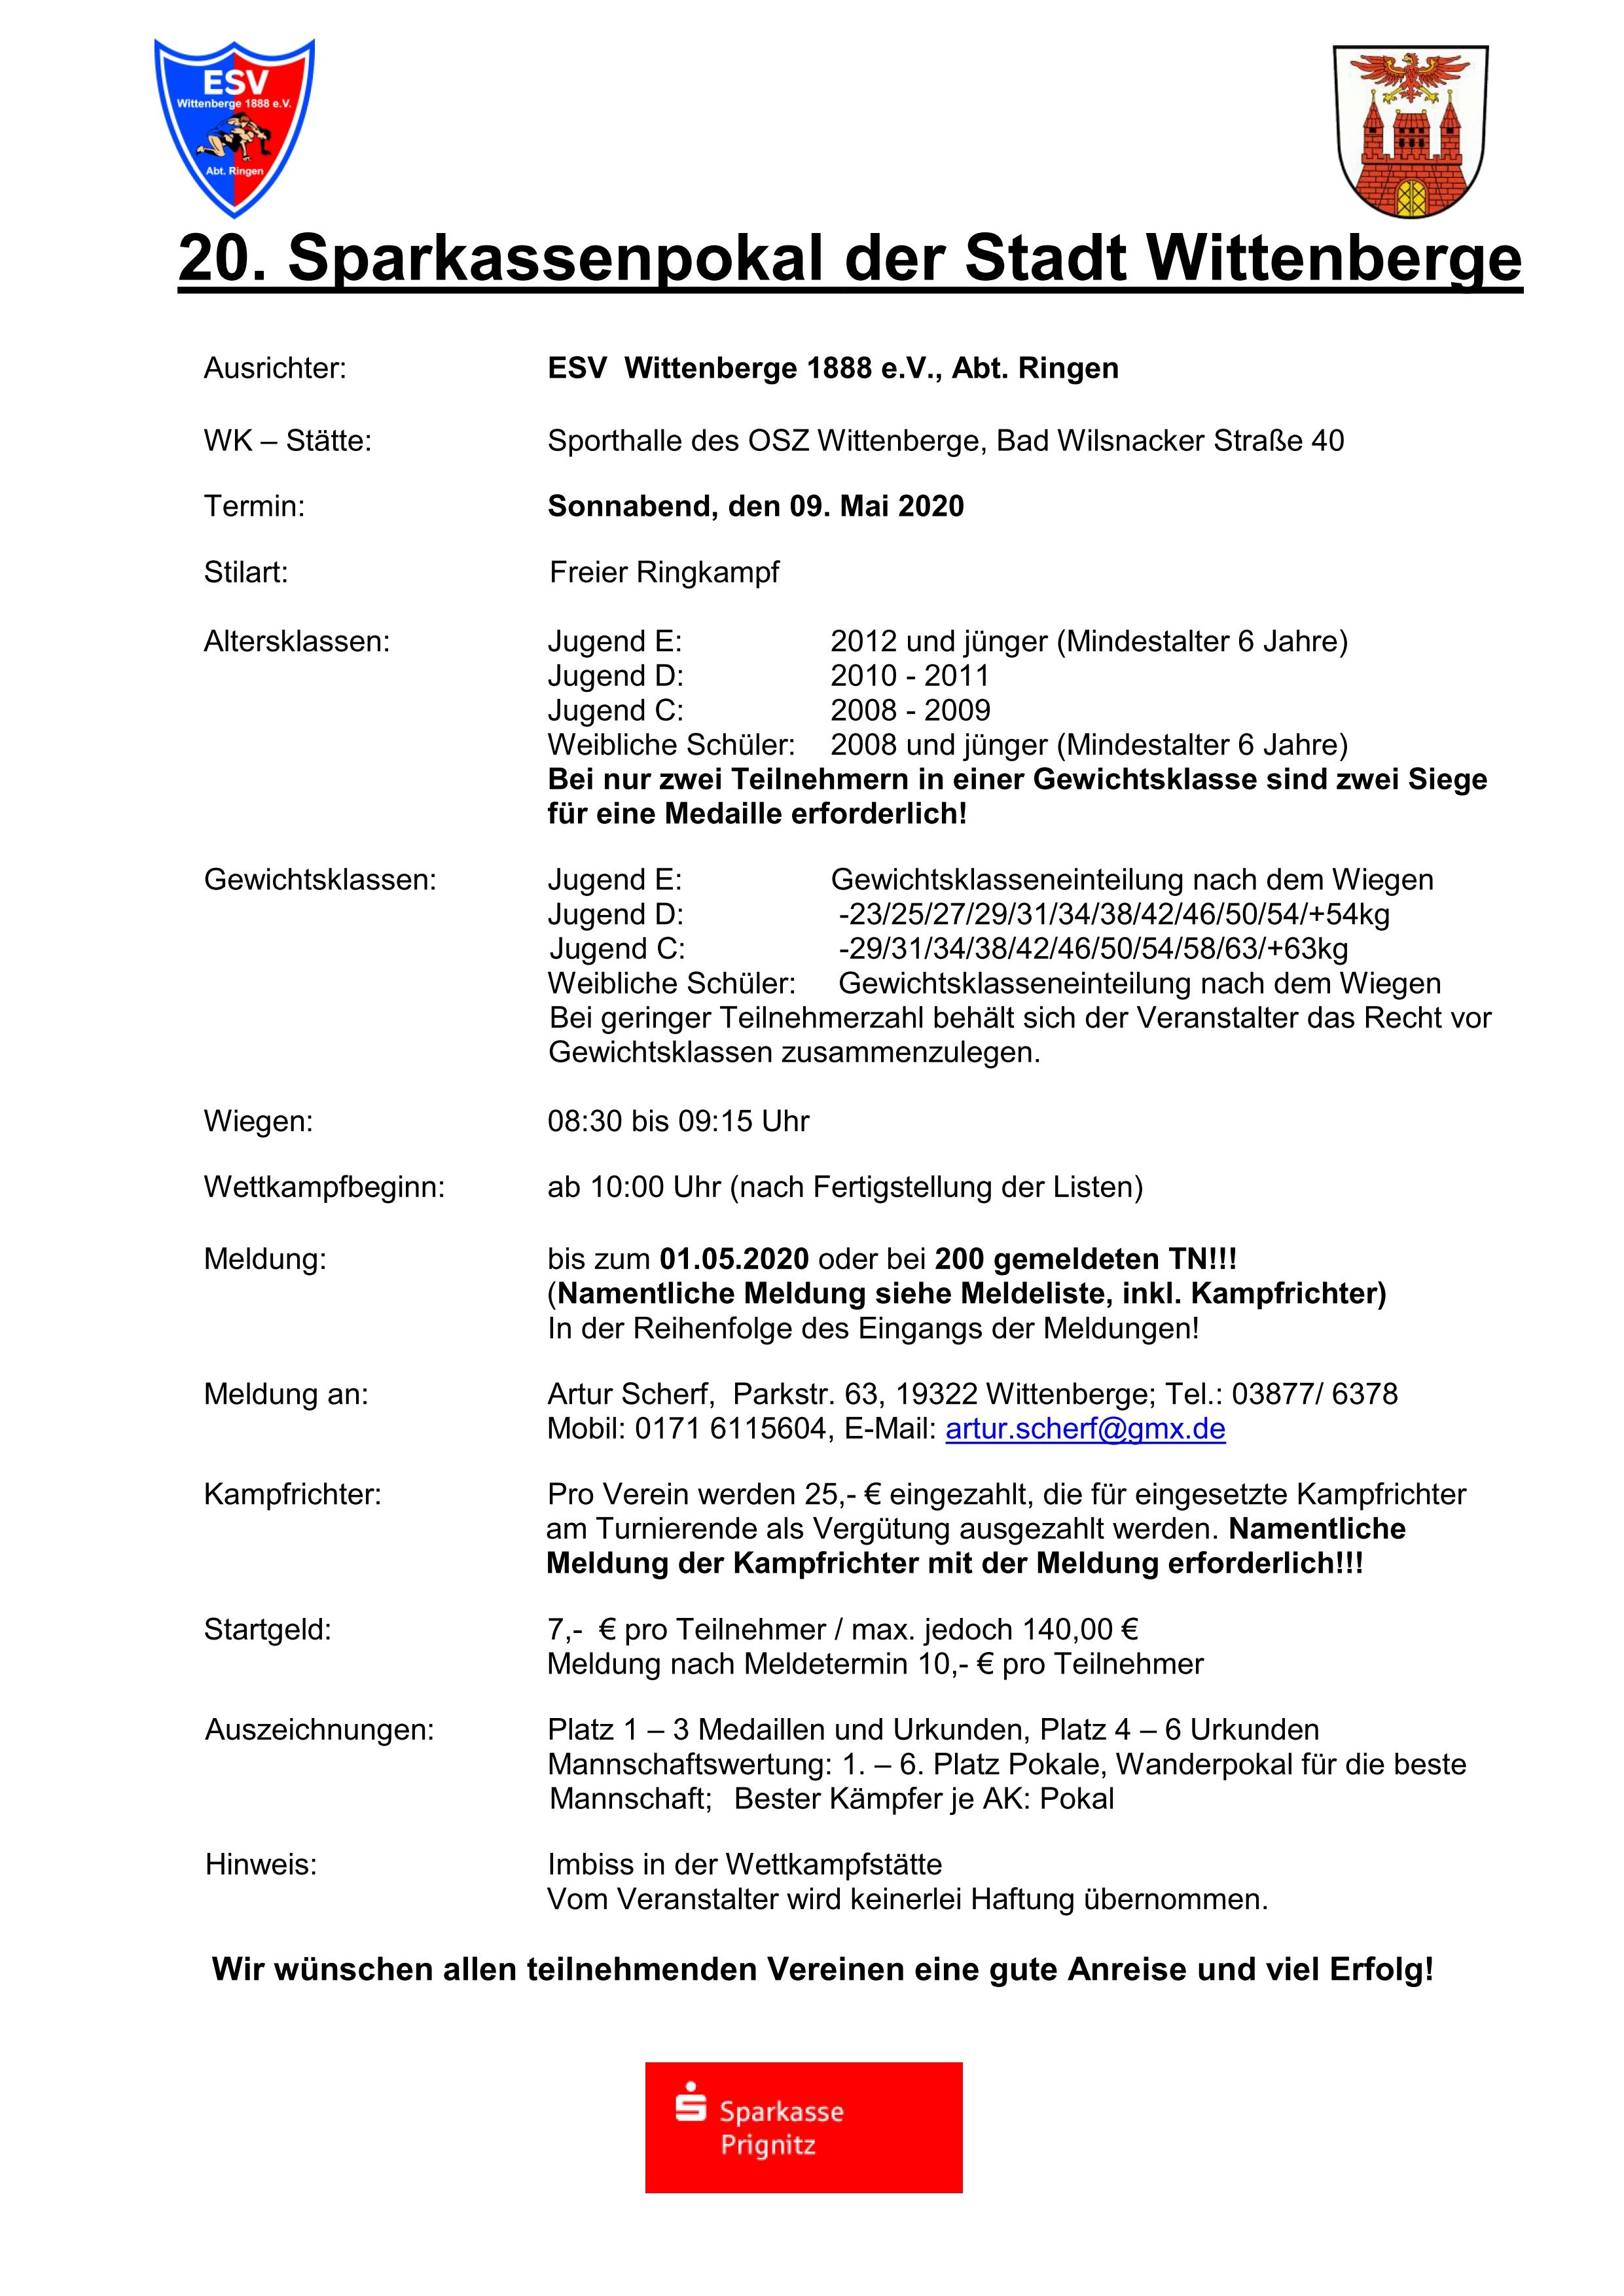 20. Sparkassenpokal der Stadt Wittenberge